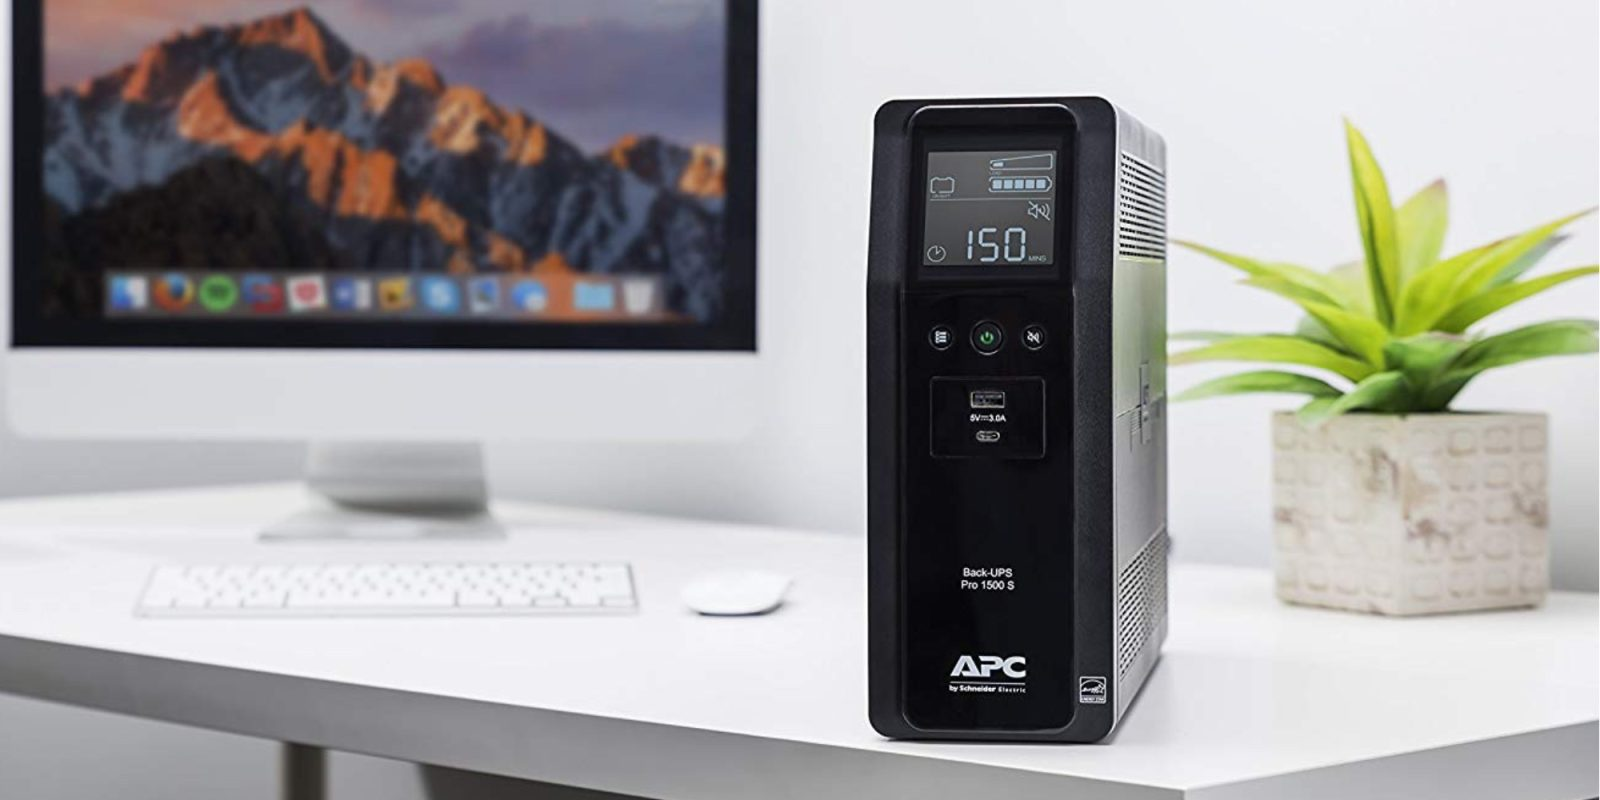 APC's 1500VA Ten-Outlet Pro UPS has a USB-C port, more at $166.50 ($38 off)